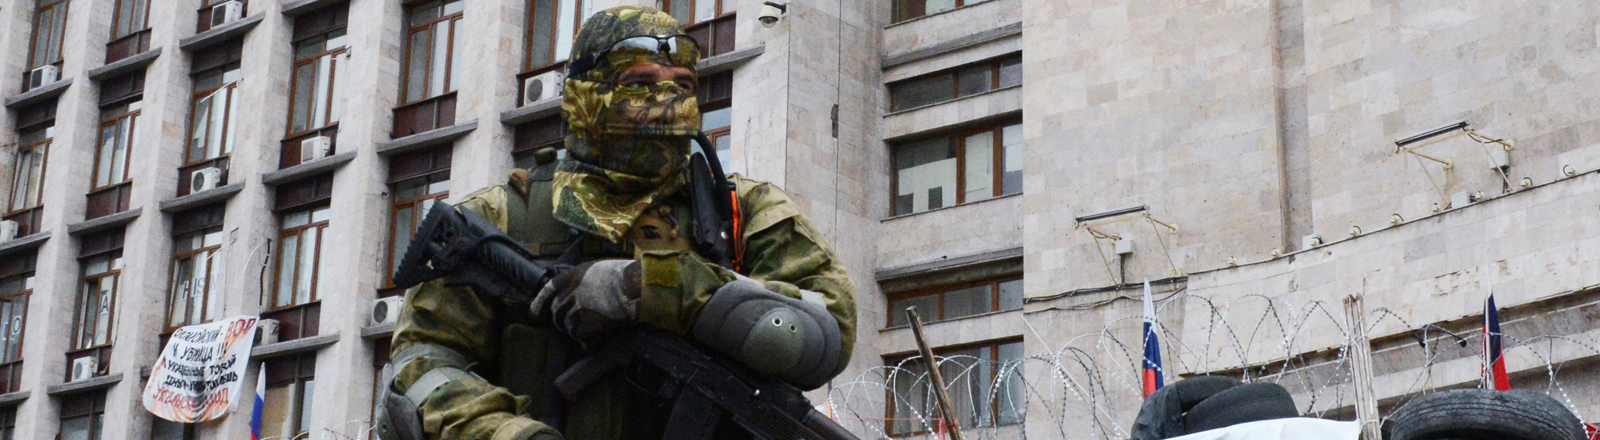 Ein Kämpfer des pro-russischen Vostok-Battalions vor dem Gebäude der Regionalregierung in Donezk.